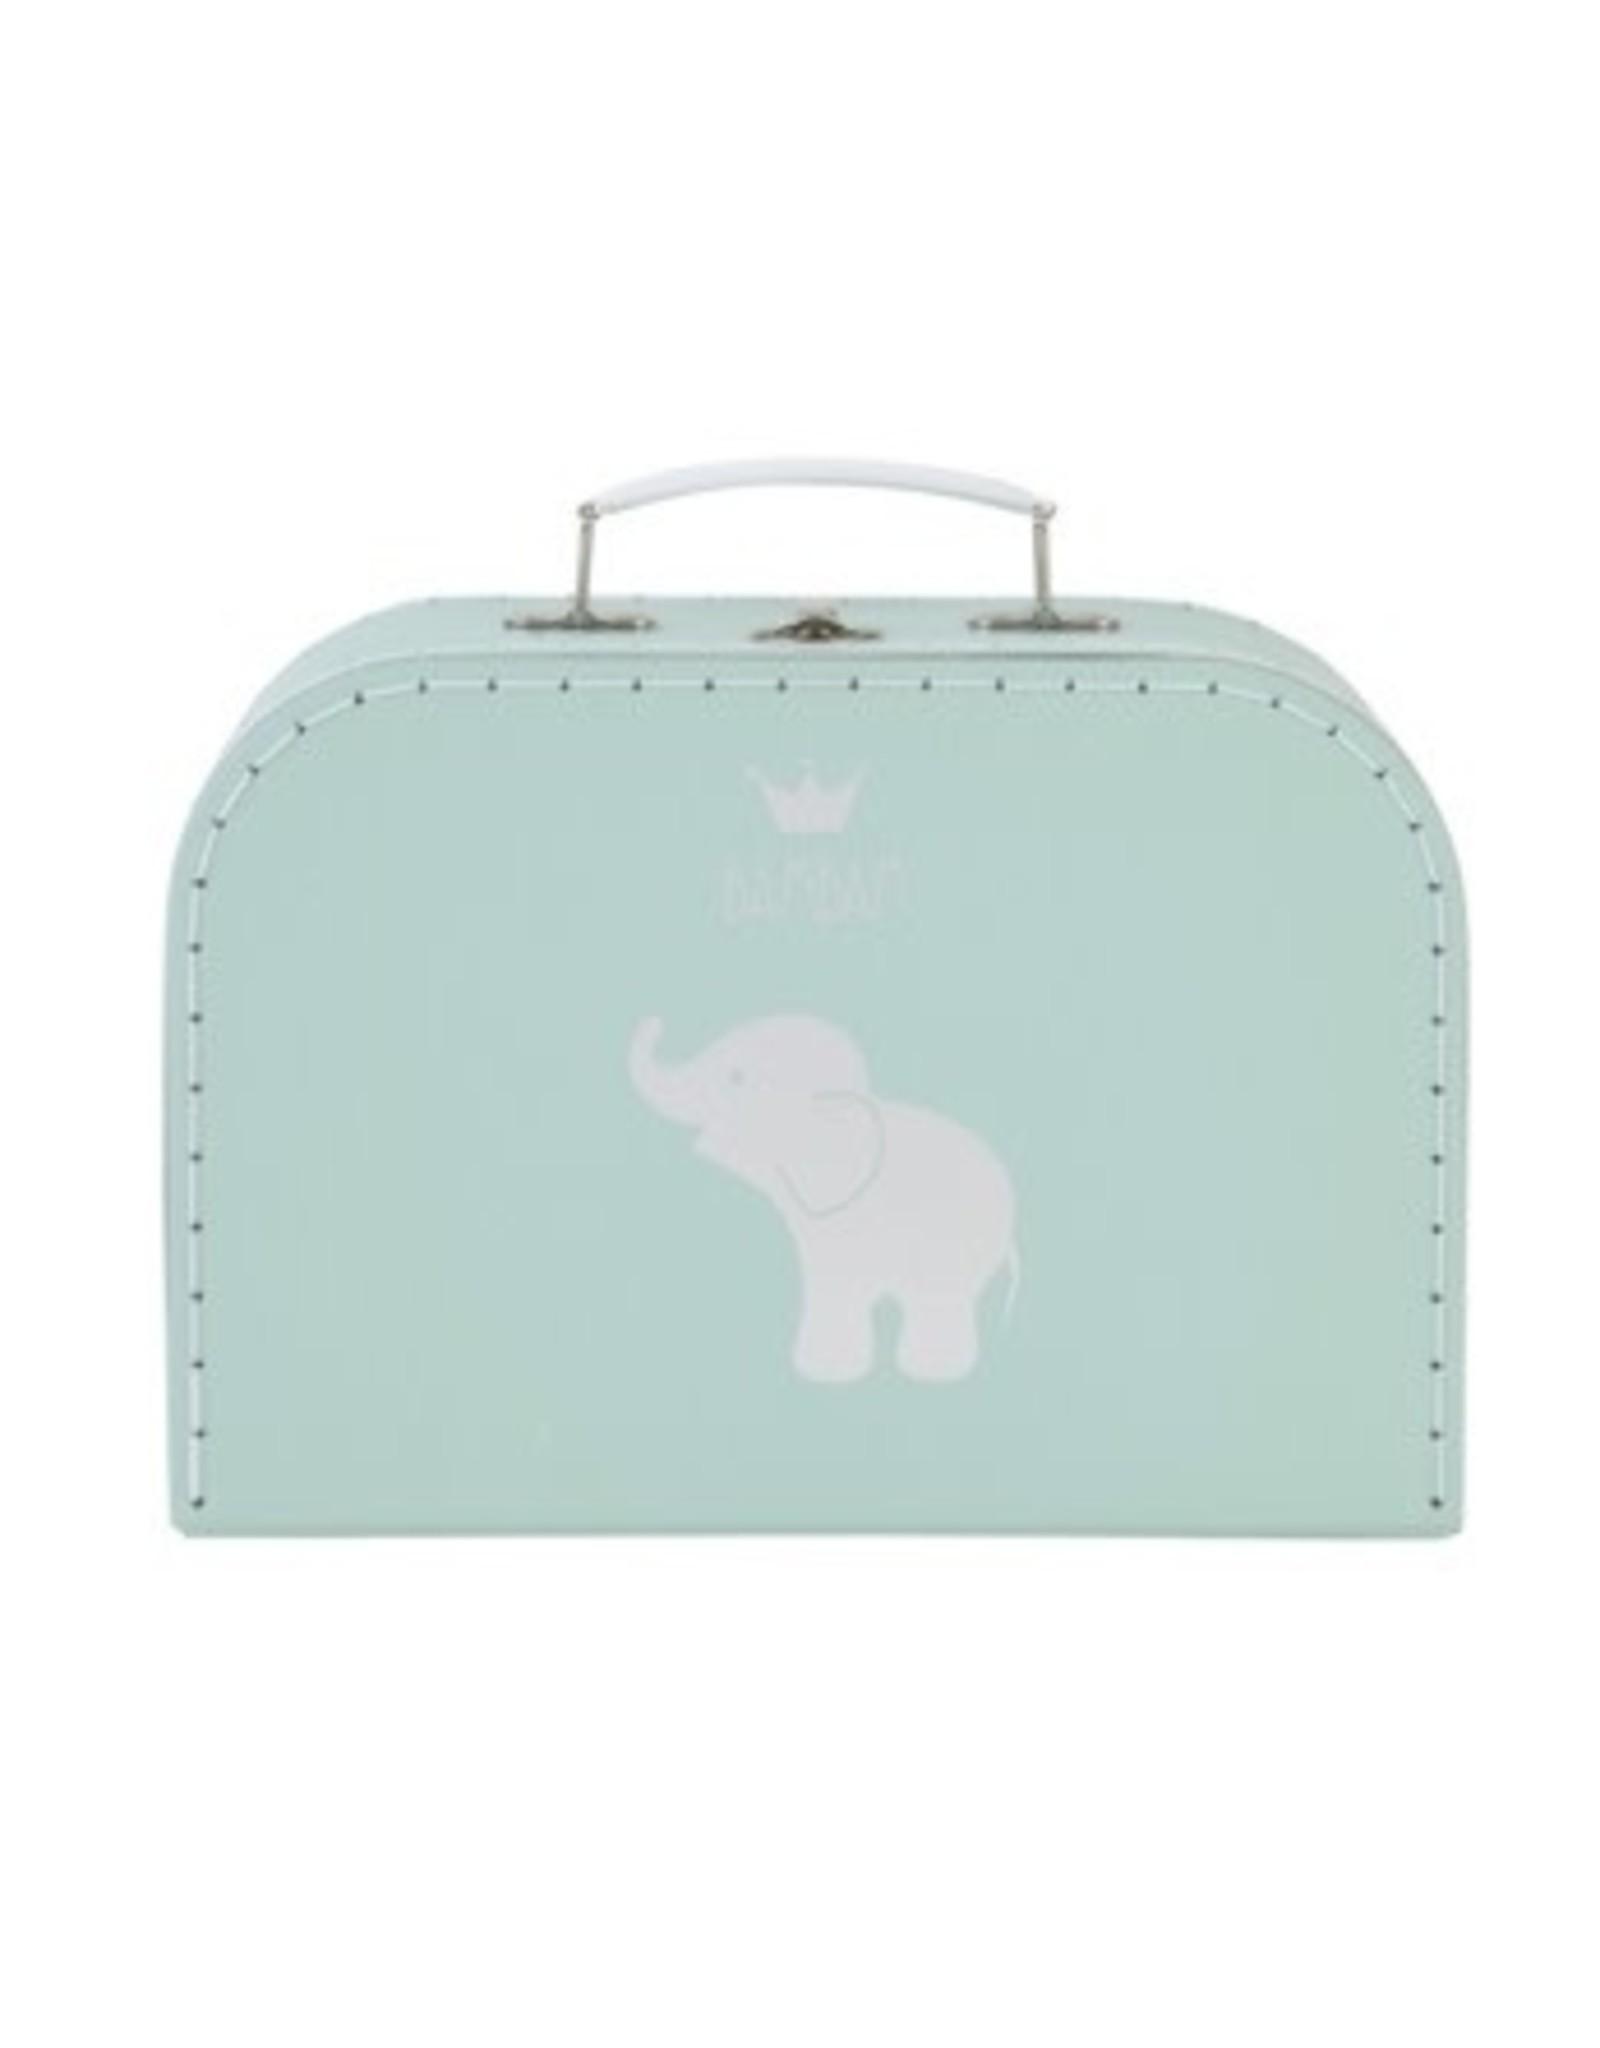 BamBam Elephant suitcase